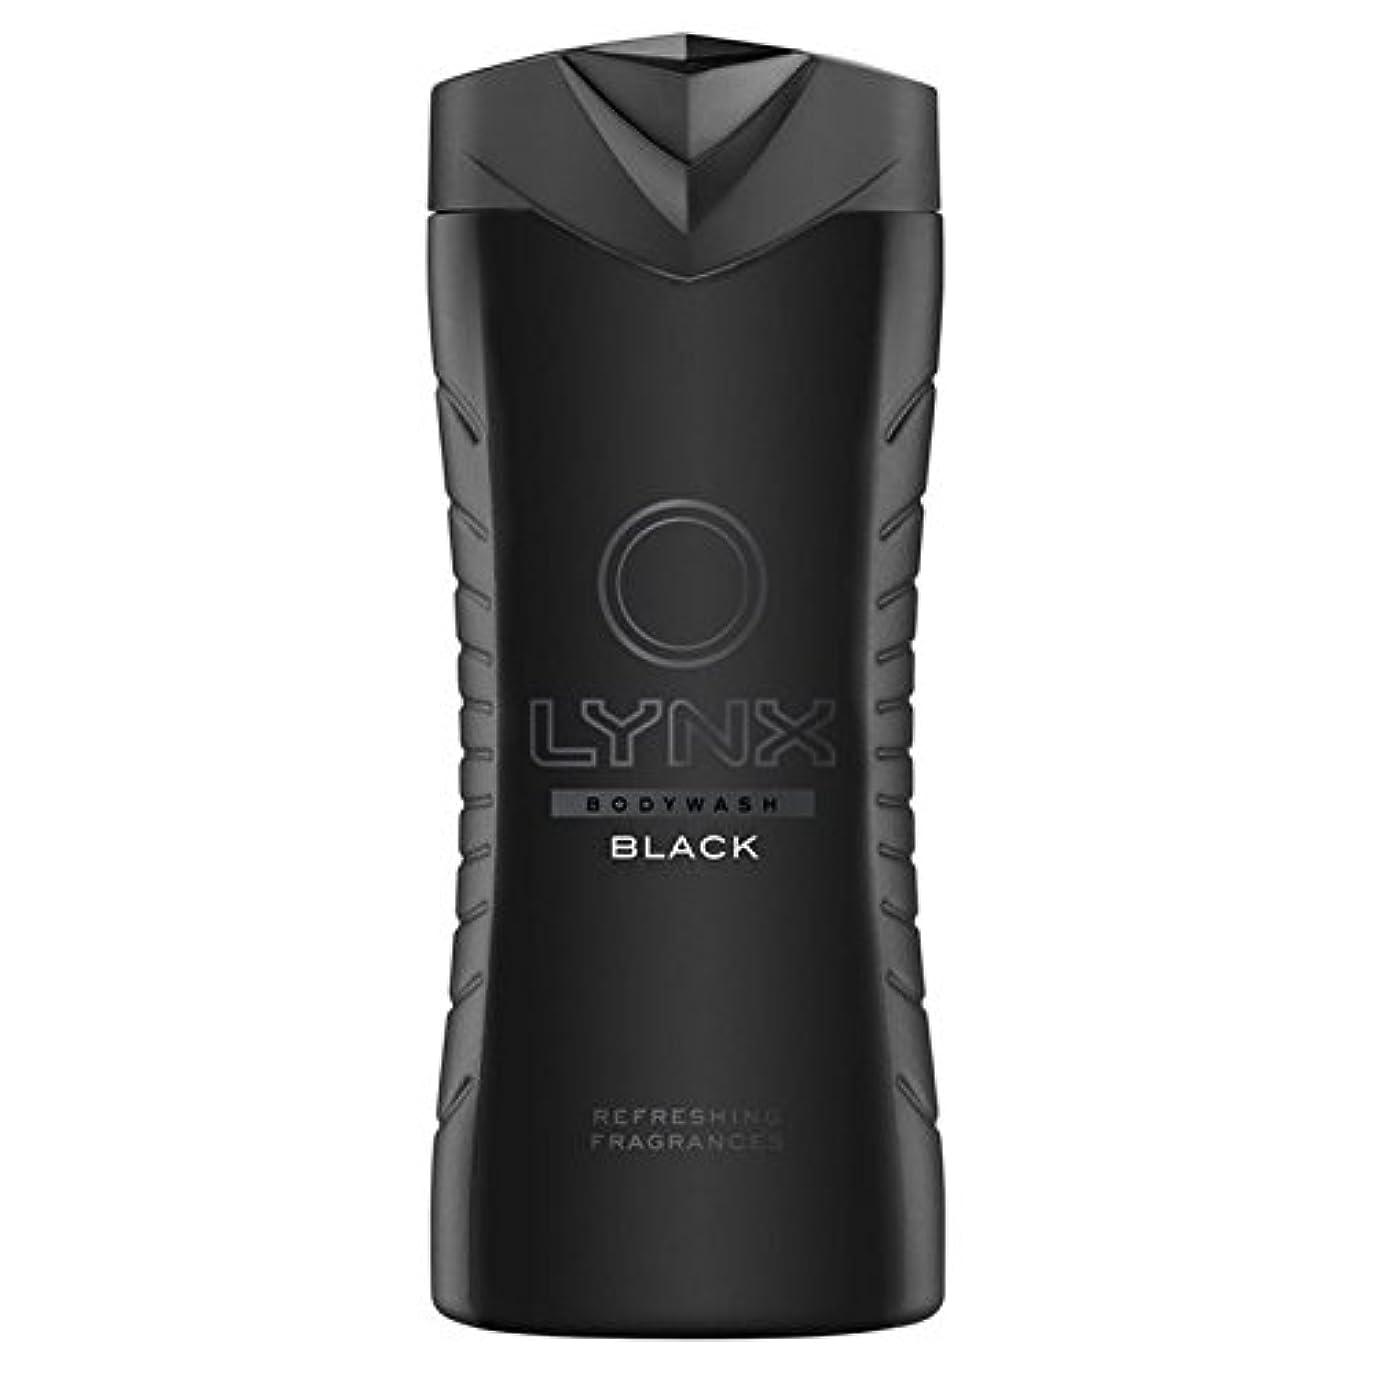 法医学撤回する鉄道駅オオヤマネコブラックシャワージェル400ミリリットル x2 - Lynx Black Shower Gel 400ml (Pack of 2) [並行輸入品]